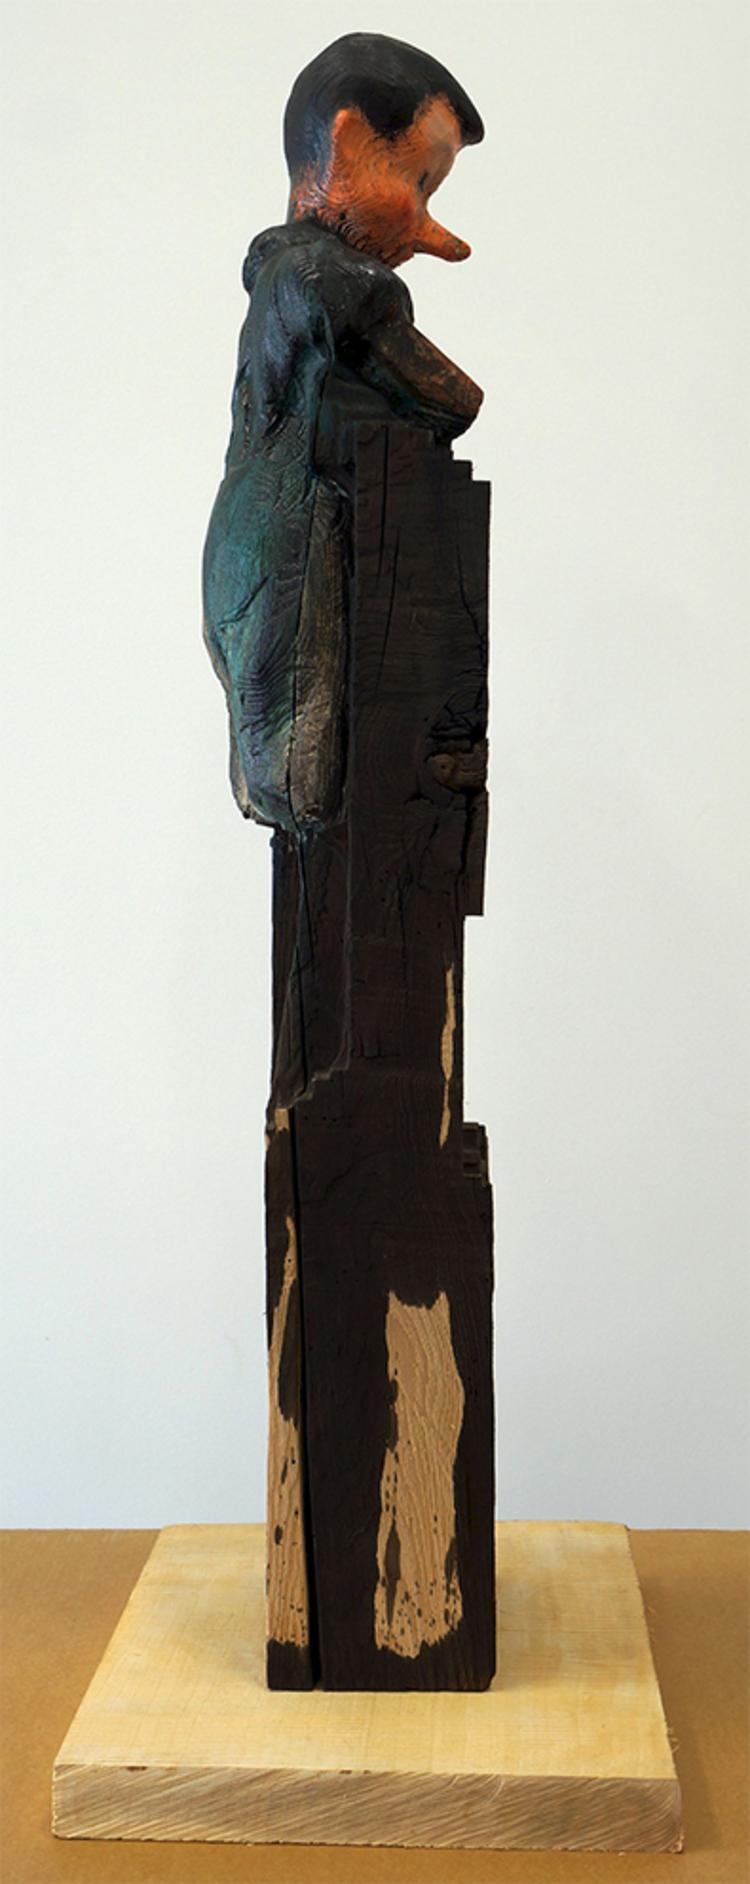 'Pinocchio from the Beam', 2012, ett konstverk av Jim Dine